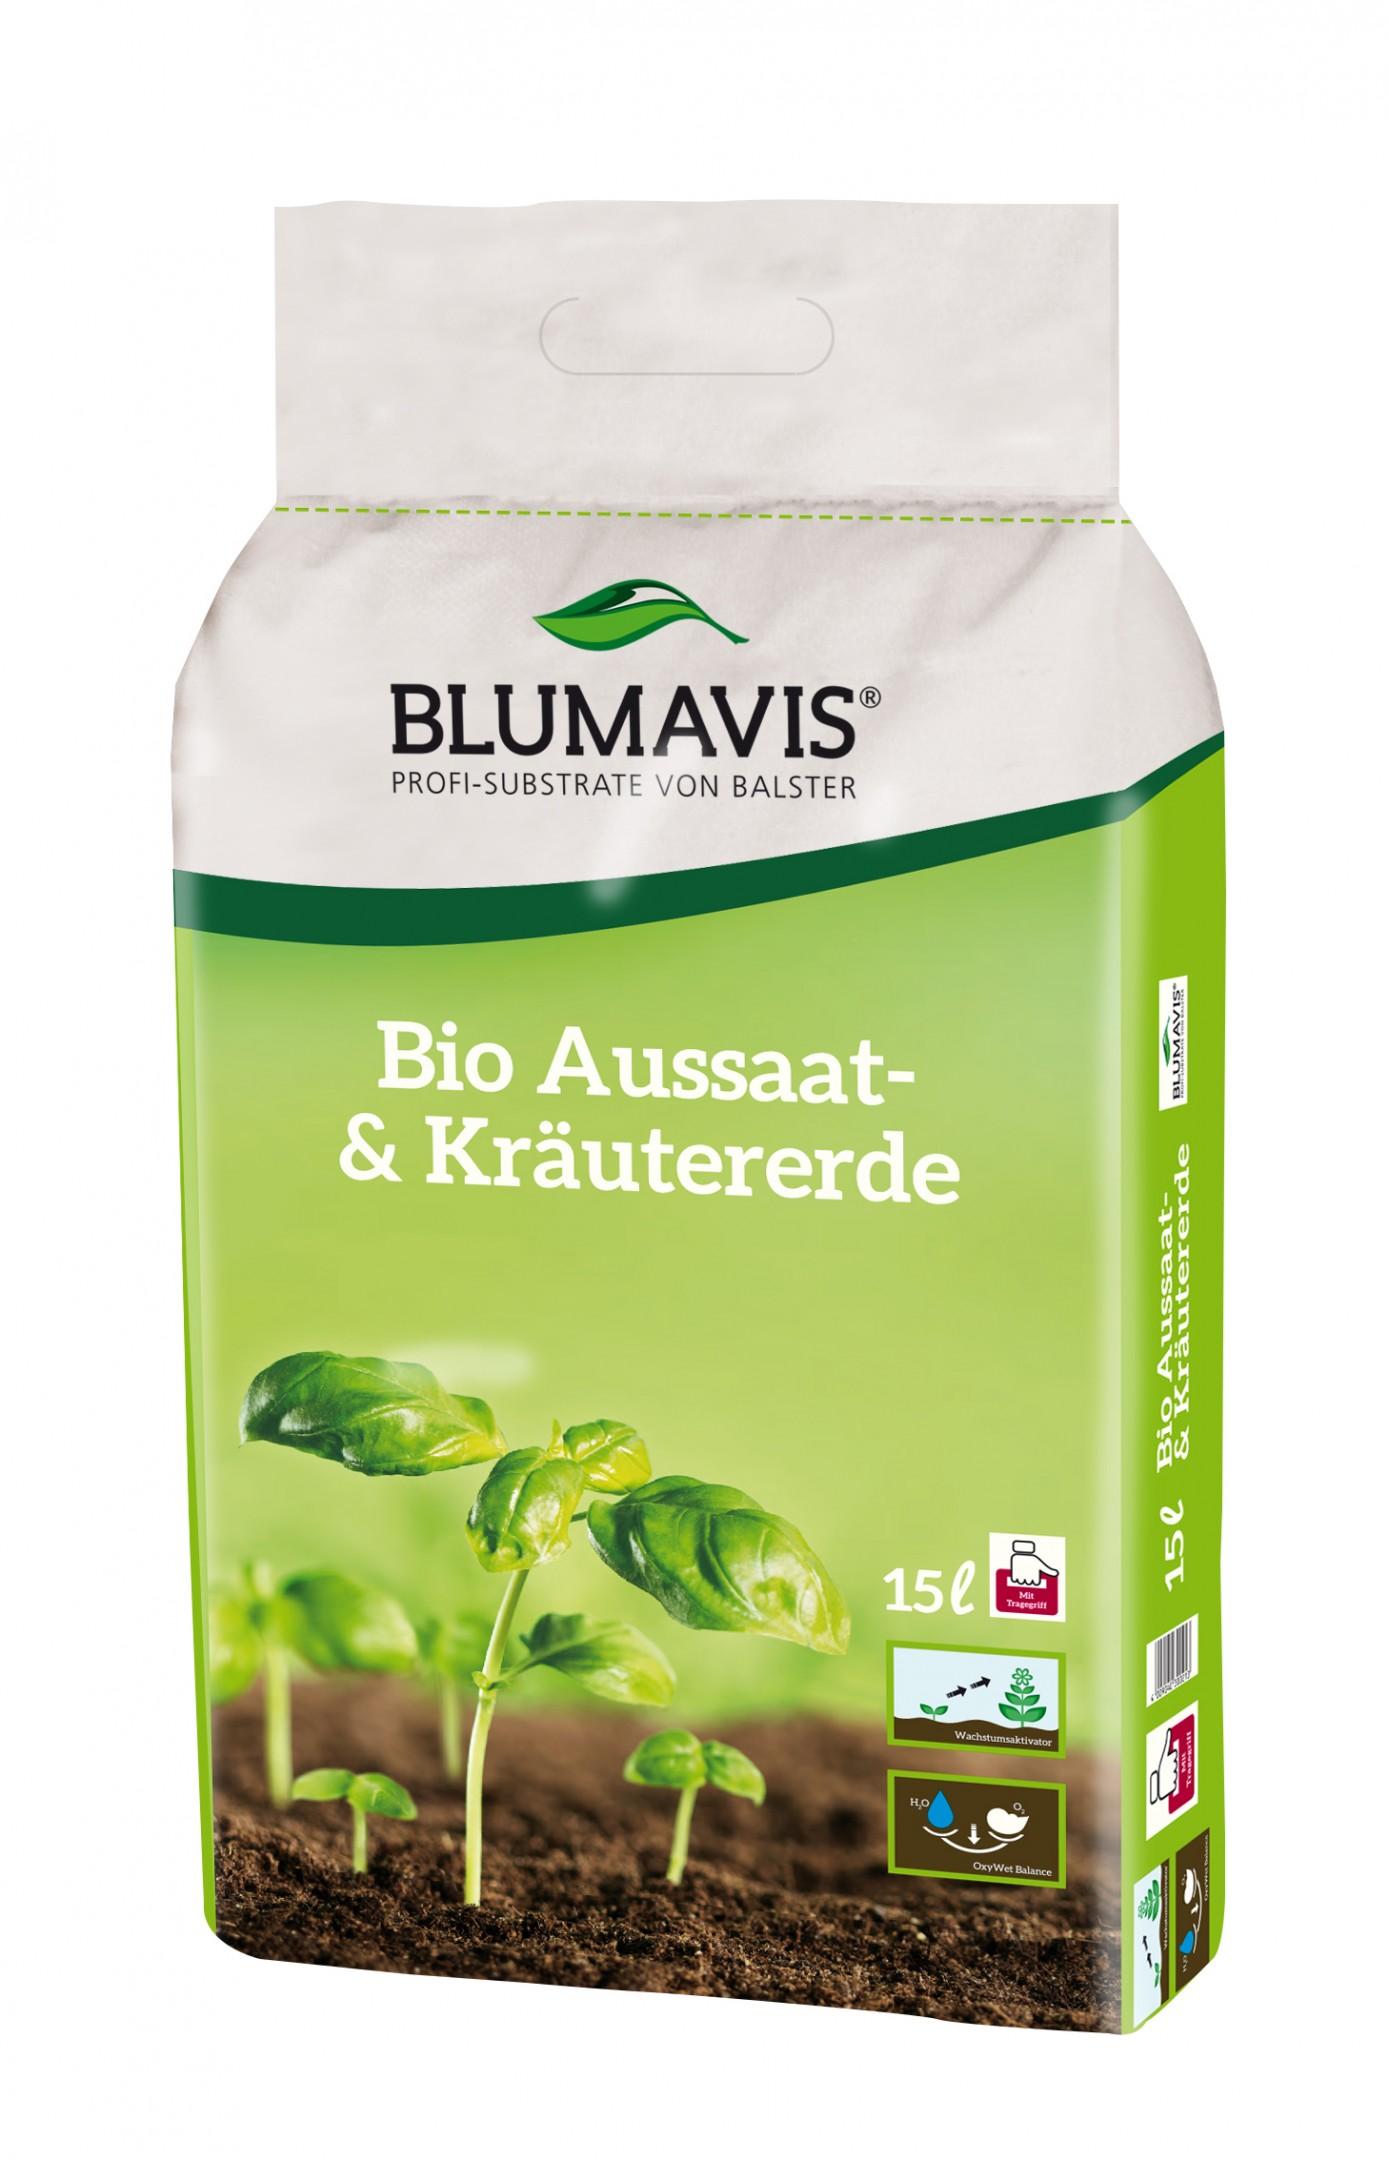 Bio Aussaat- & Kräutererde Bild 1